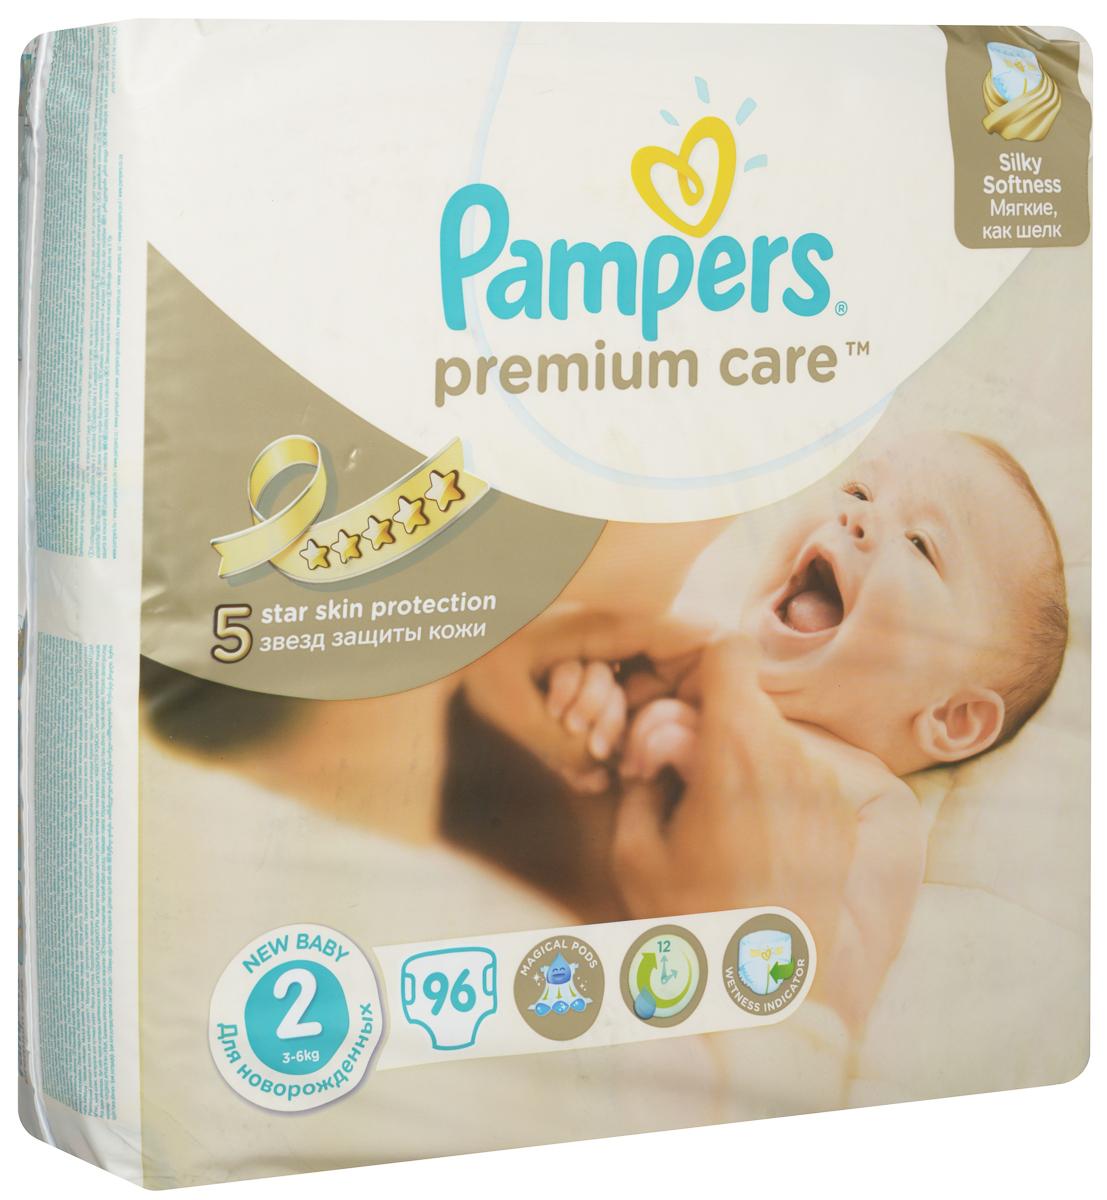 Pampers Premium Care Подгузники 2 3-6 кг 96 штPA-81534452Подгузники Pampers Premium Care - лучшие подгузники, которые обеспечивают защиту кожи 5 звезд и дарят непревзойденную мягкость шелка. Это первые и единственные подгузники с впитывающими каналами, обеспечивающими до 12 часов сухости. Мягкие, как шелк - нежная ромбовидная текстура внутреннего слоя создает ощущение первоклассной мягкости и воздушности. Имеют впитывающие каналы - уникальная технология впитывающего слоя (три впитывающих канала) помогают равномерно распределять влагу по поверхности подгузника, обеспечивая сухость до 12 часов. Дышащие материалы - благодаря особым микропорам внешний слой Pampers Premium Care обеспечивает естественную циркуляцию воздуха, снижая уровень испарений внутри подгузника, и, как следствие, уменьшая риск возникновения дерматита. Индикатор влаги - специальная полоска, которая меняет желтый цвет на синий, подсказывает, когда нужно сменить подгузник. Комфортно прилегают к пупку - специальный вырез в передней части подгузника позволяет...